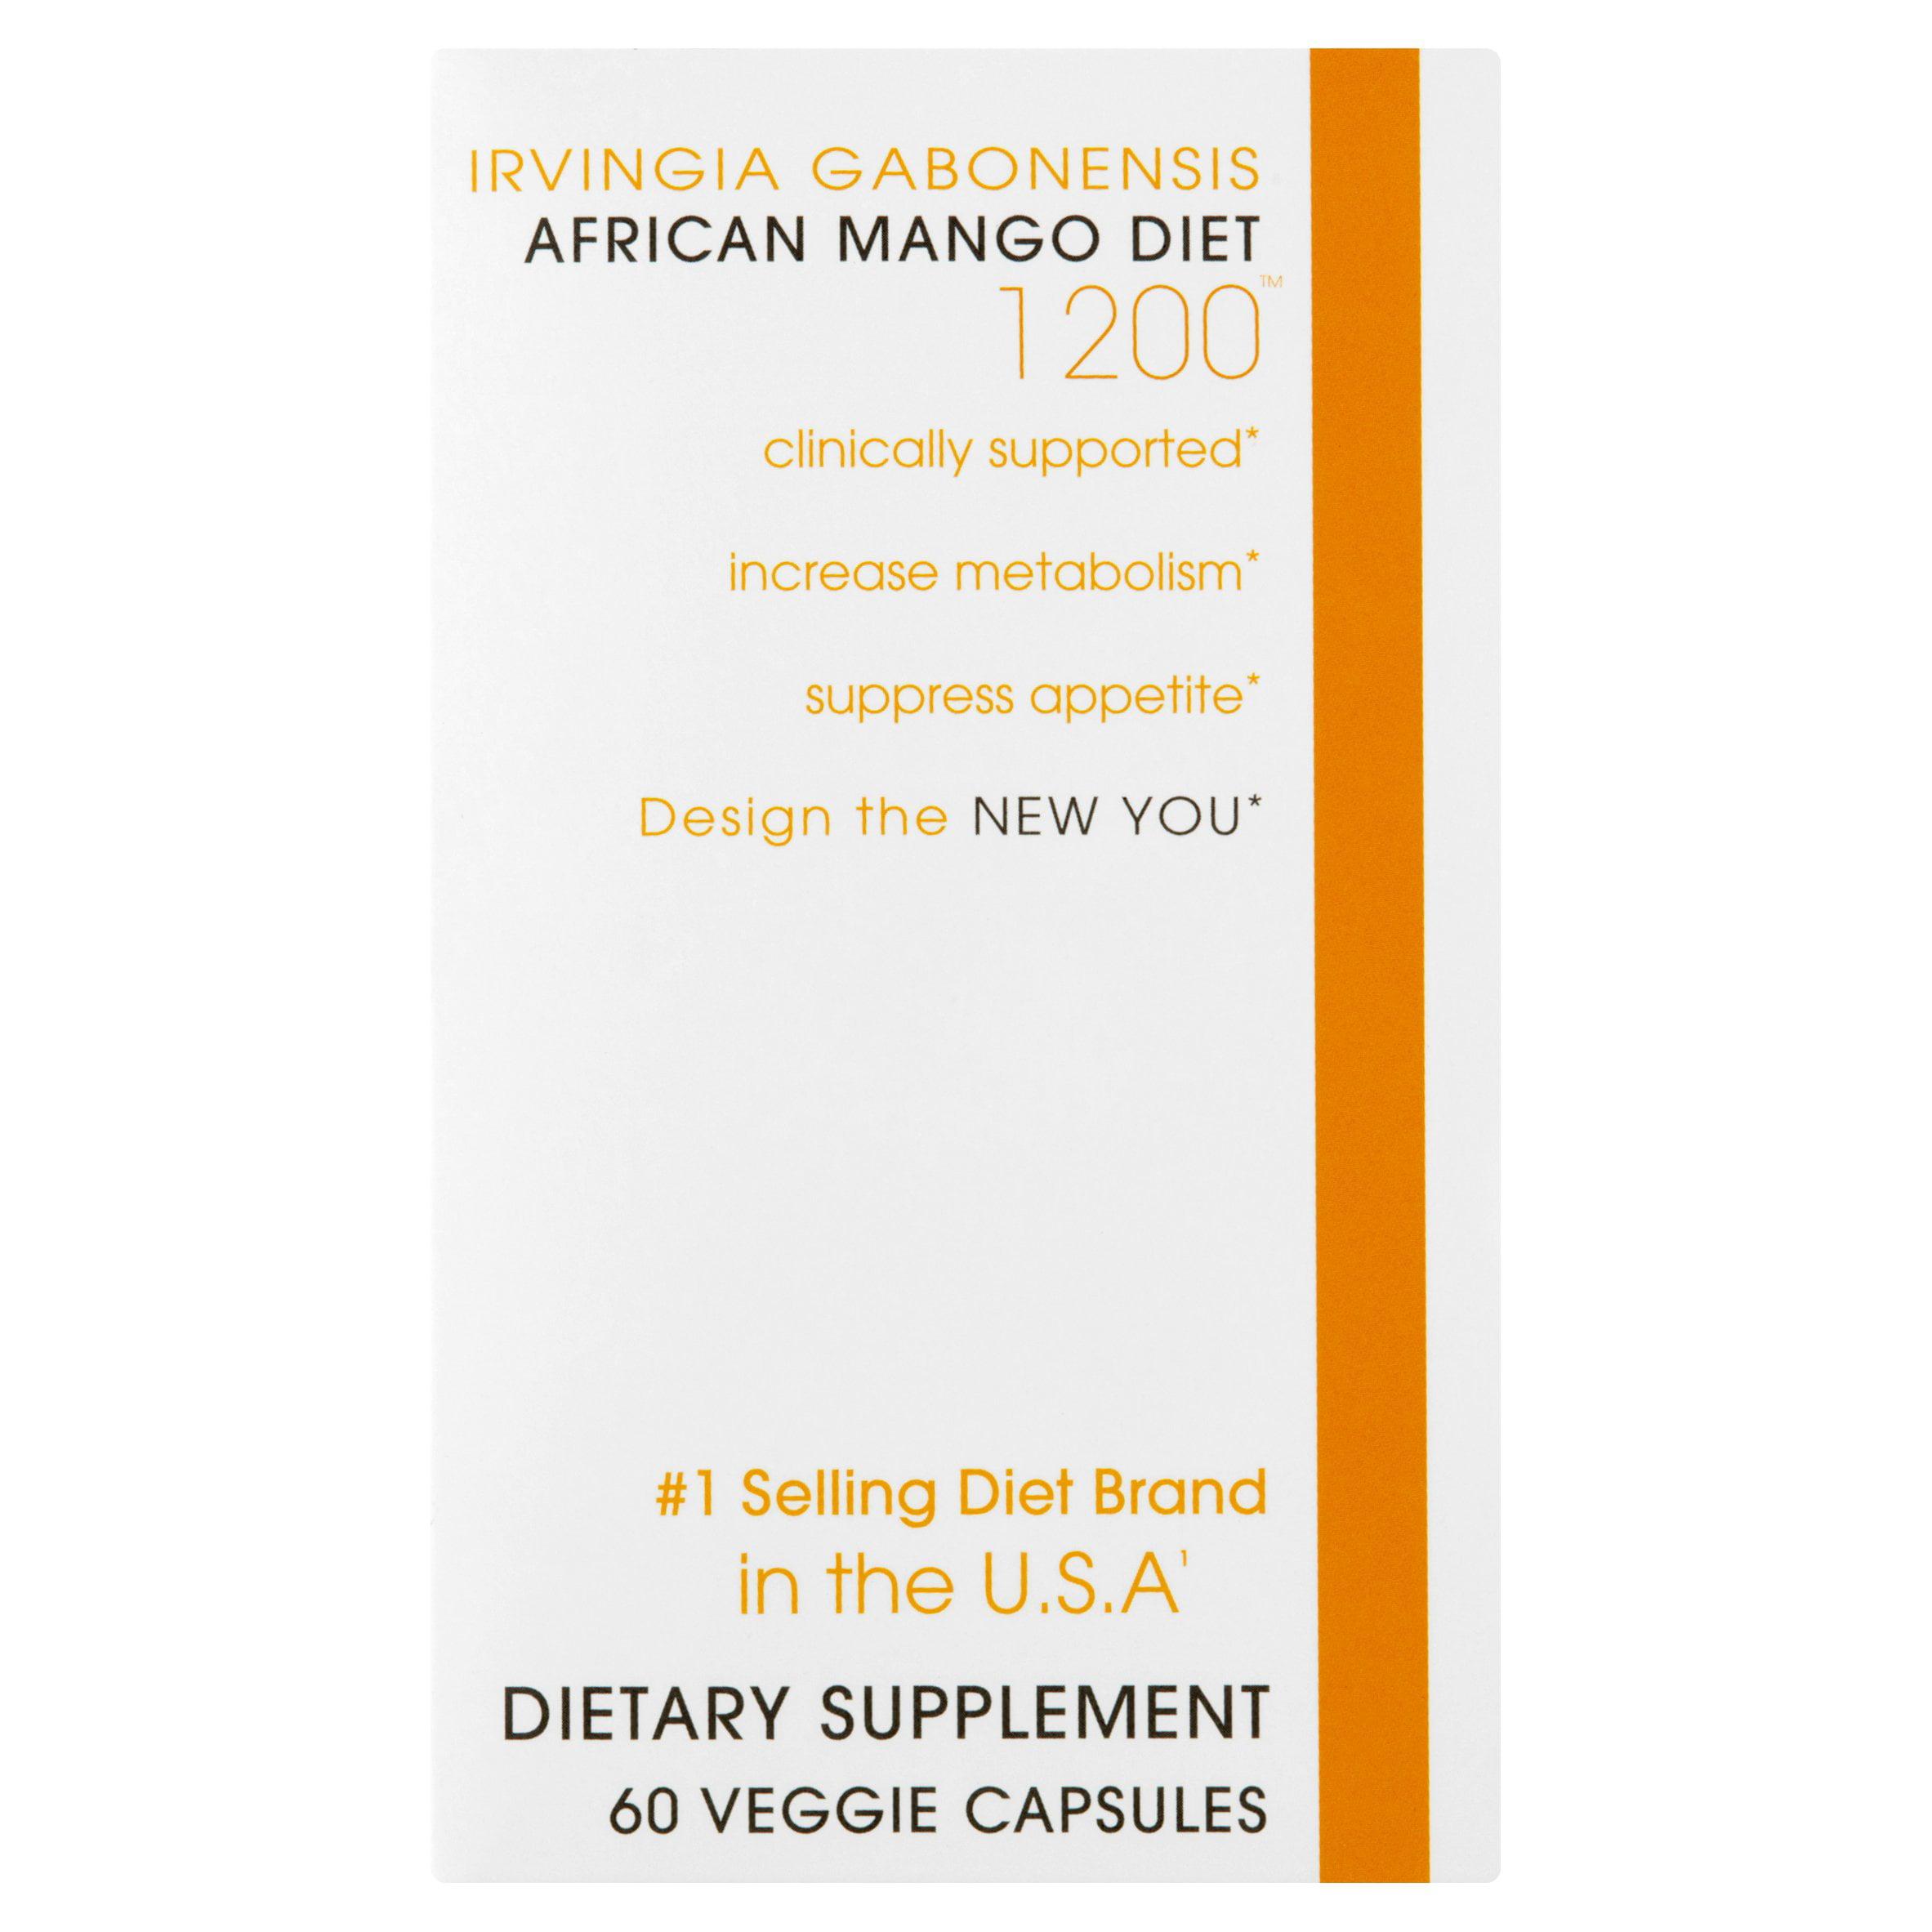 Creative Bioscience Irvingia Gabonensis African Mango Diet Veggie Capsules, 1200, 60 count